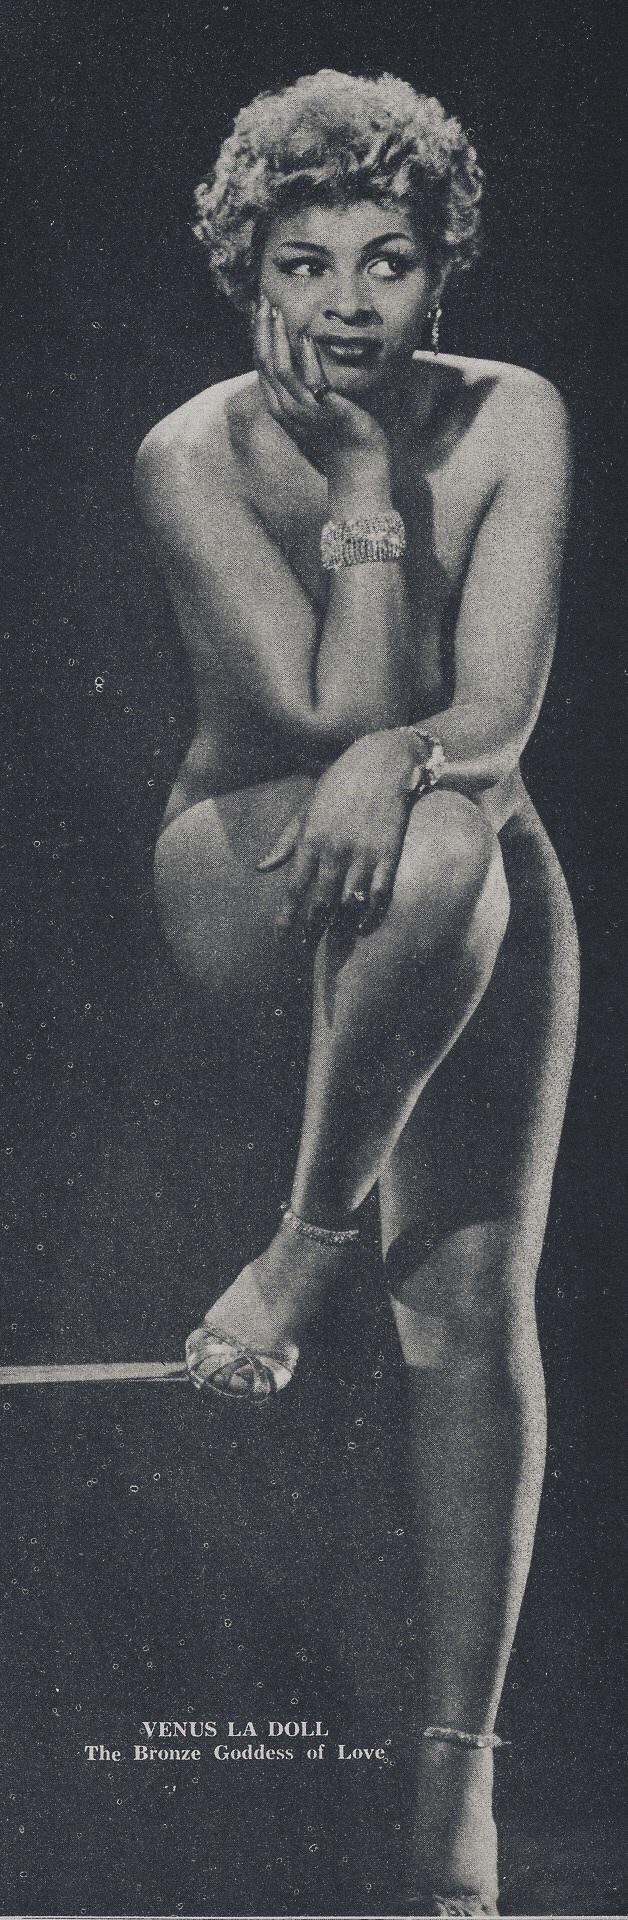 Venus La Doll